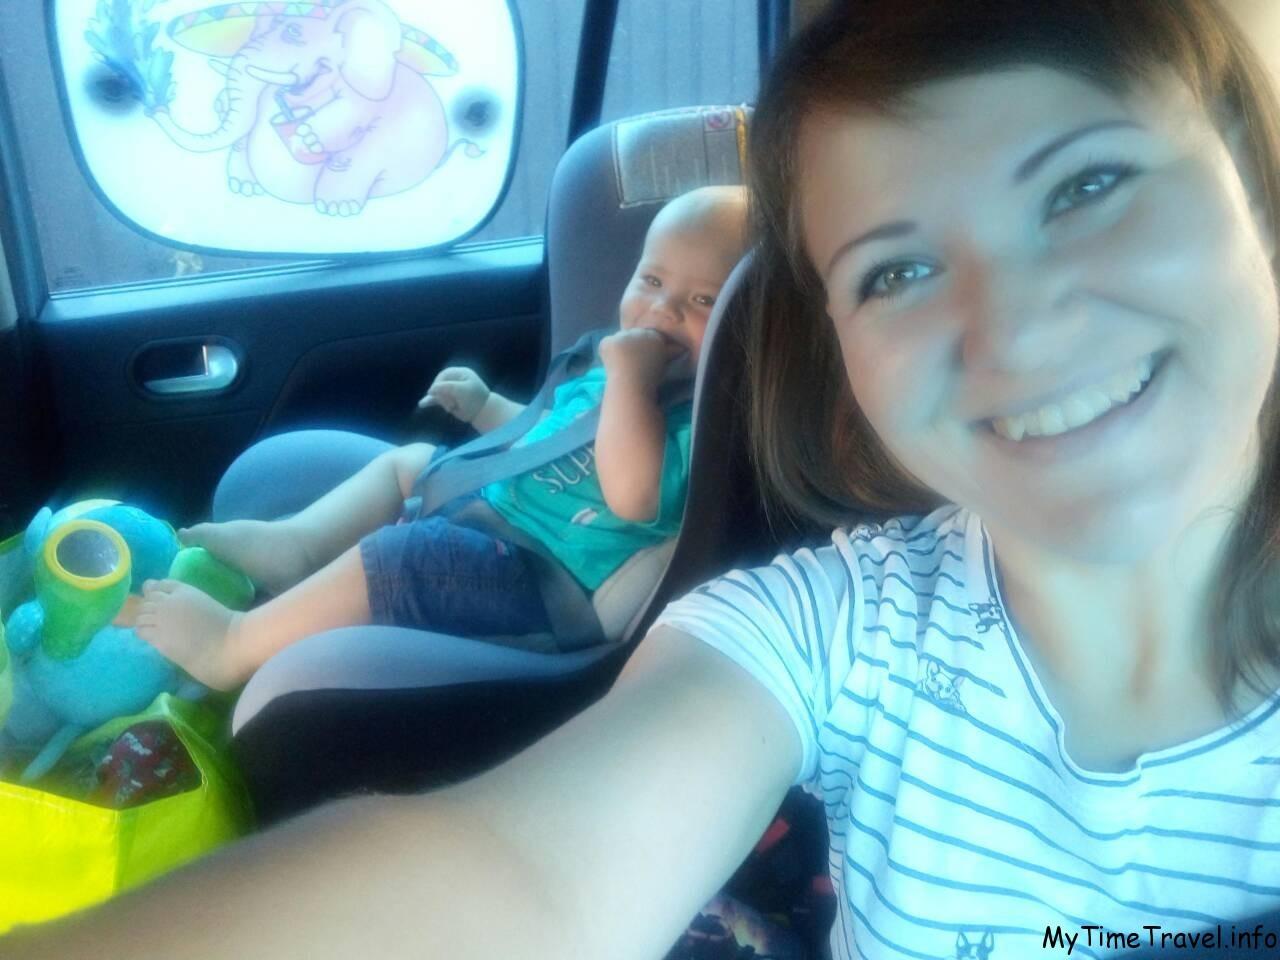 Поездка с ребенком в автомобиле